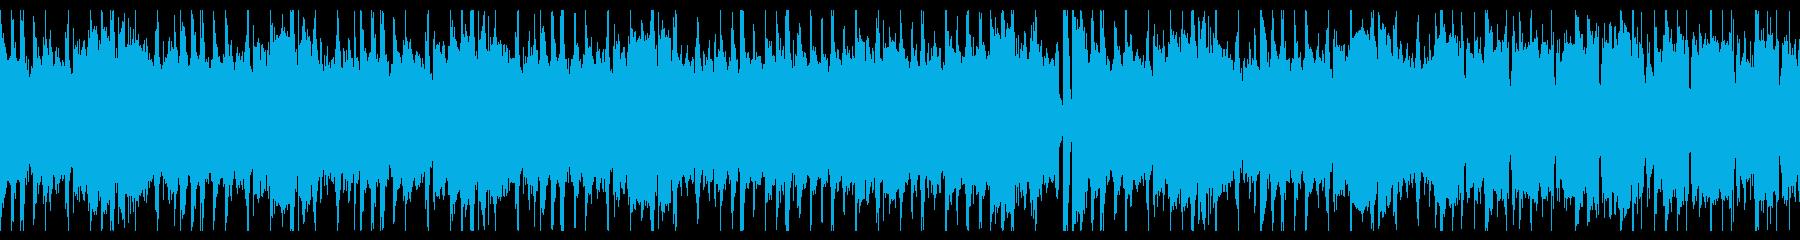 お洒落で綺麗なピアノ曲 動画・CMなど の再生済みの波形